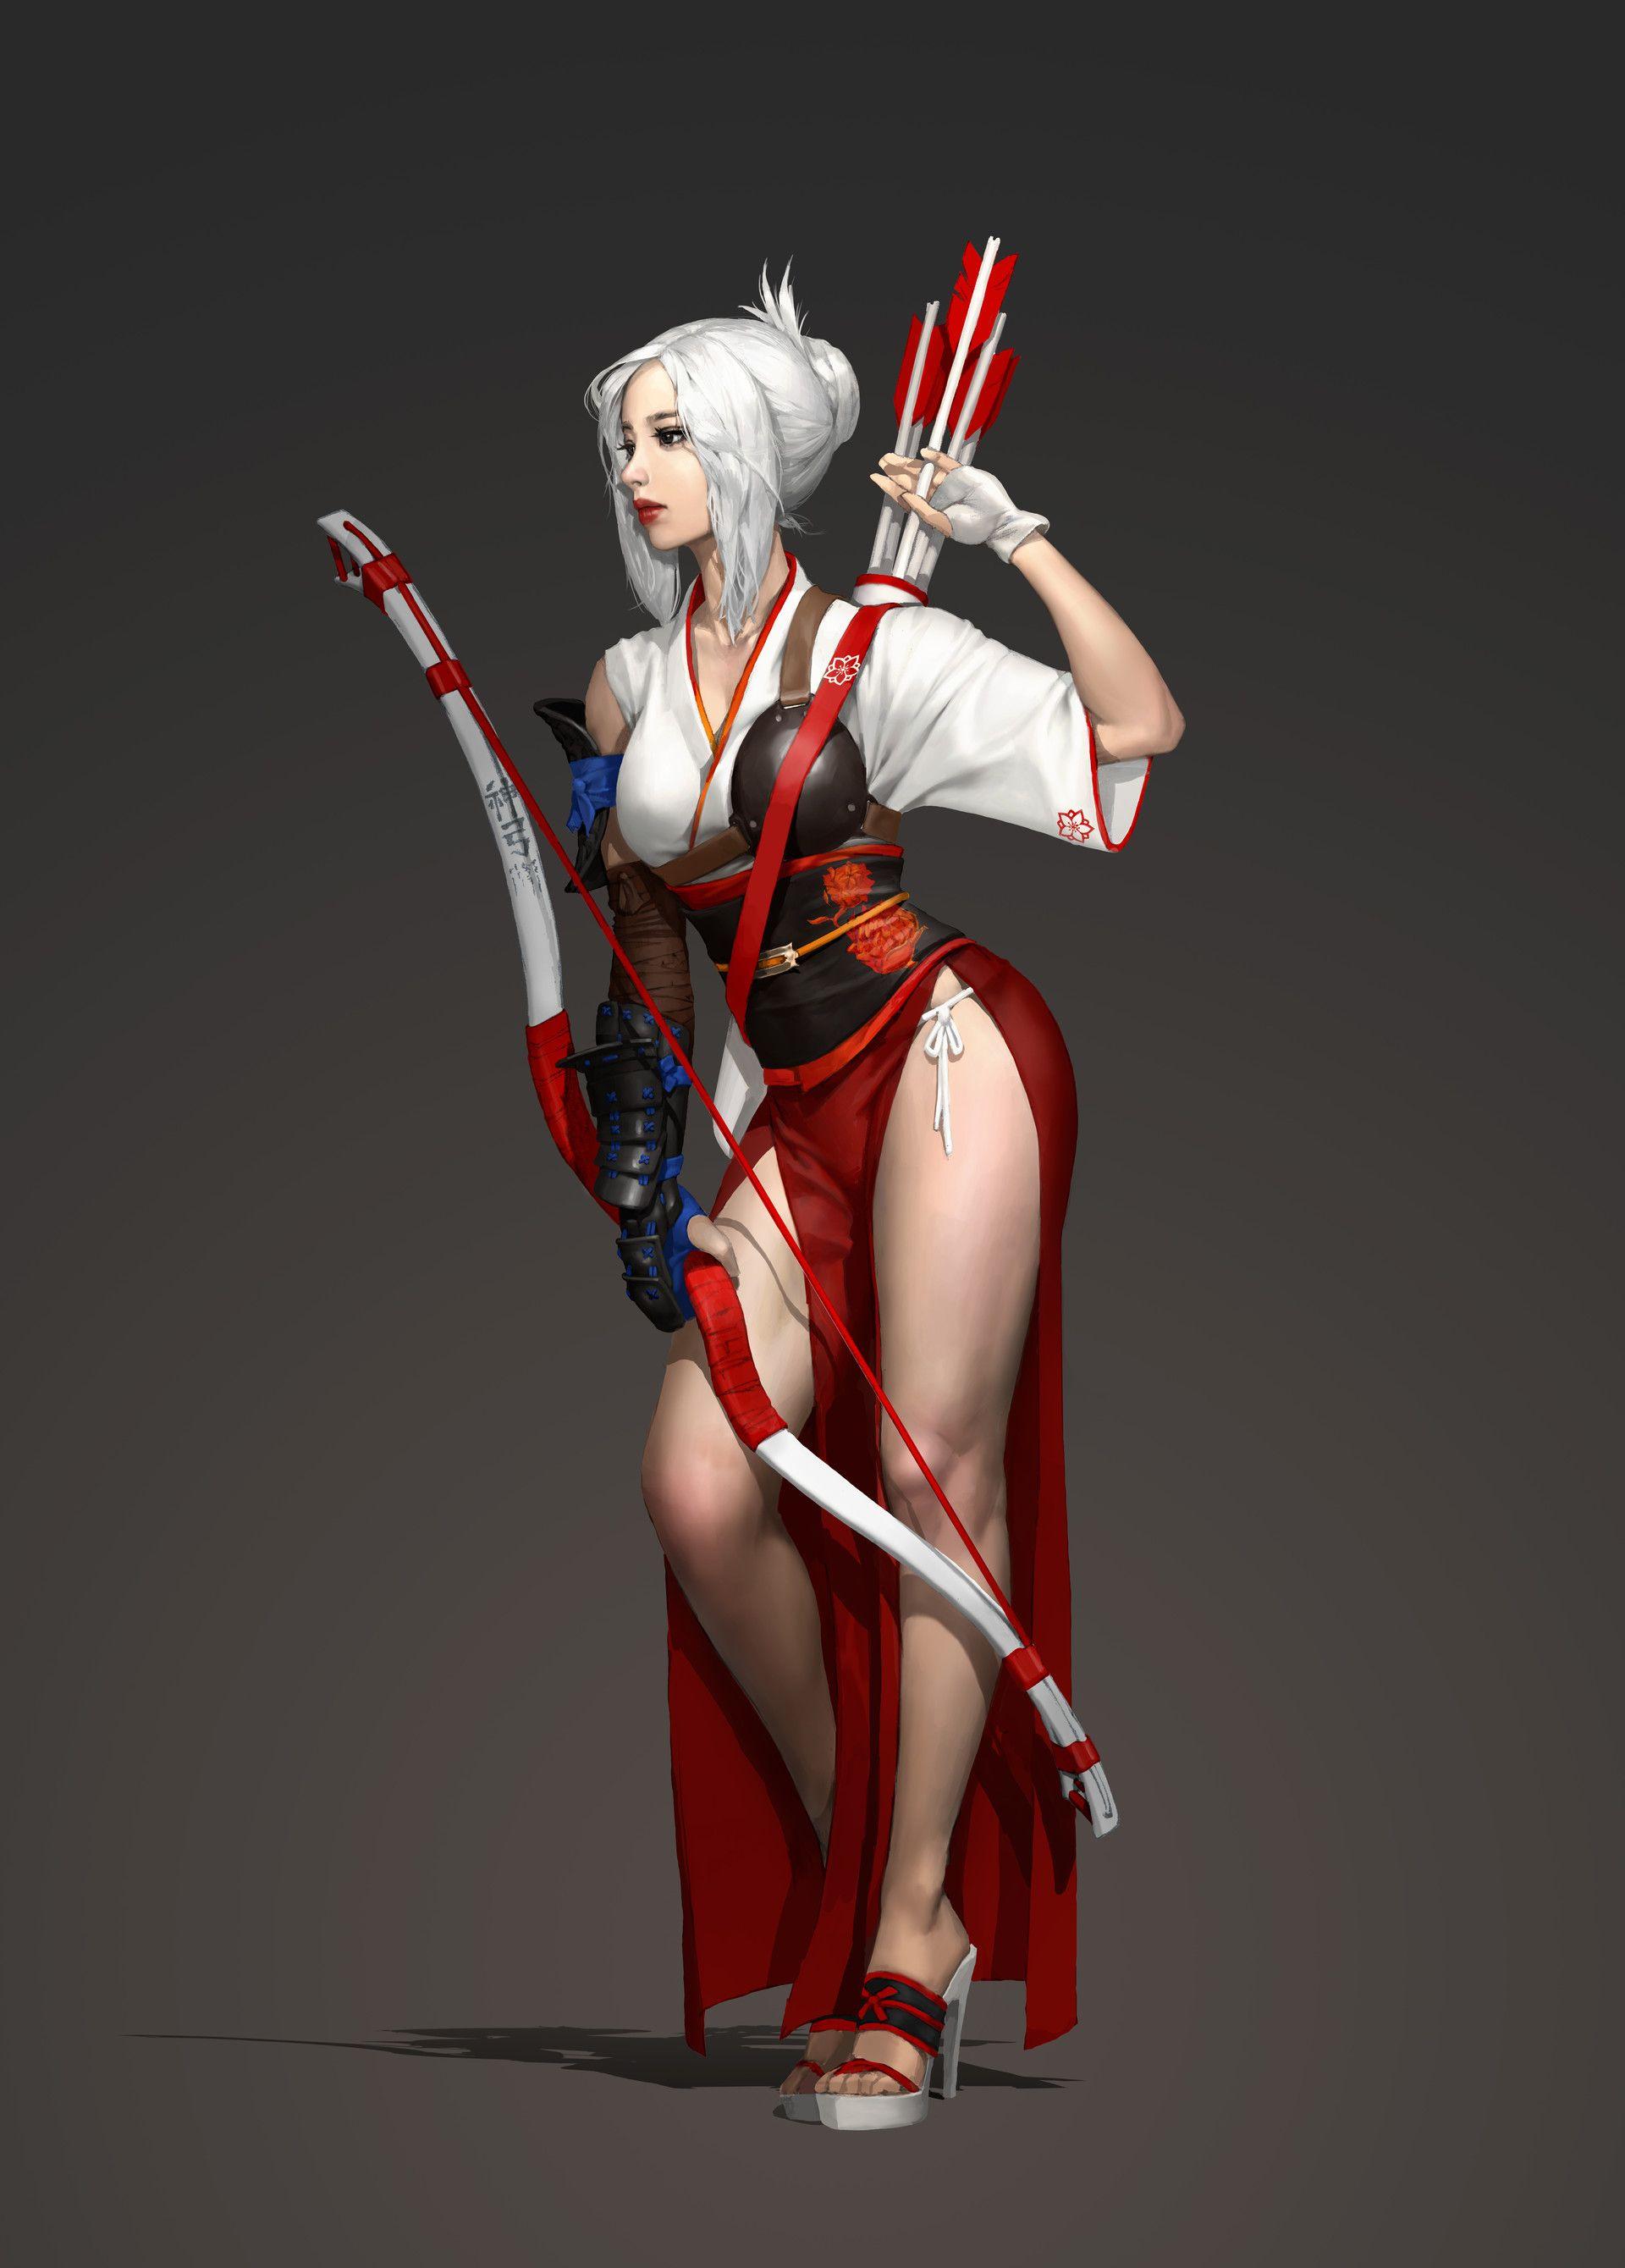 Asian fantasy art women warriors phrase... super